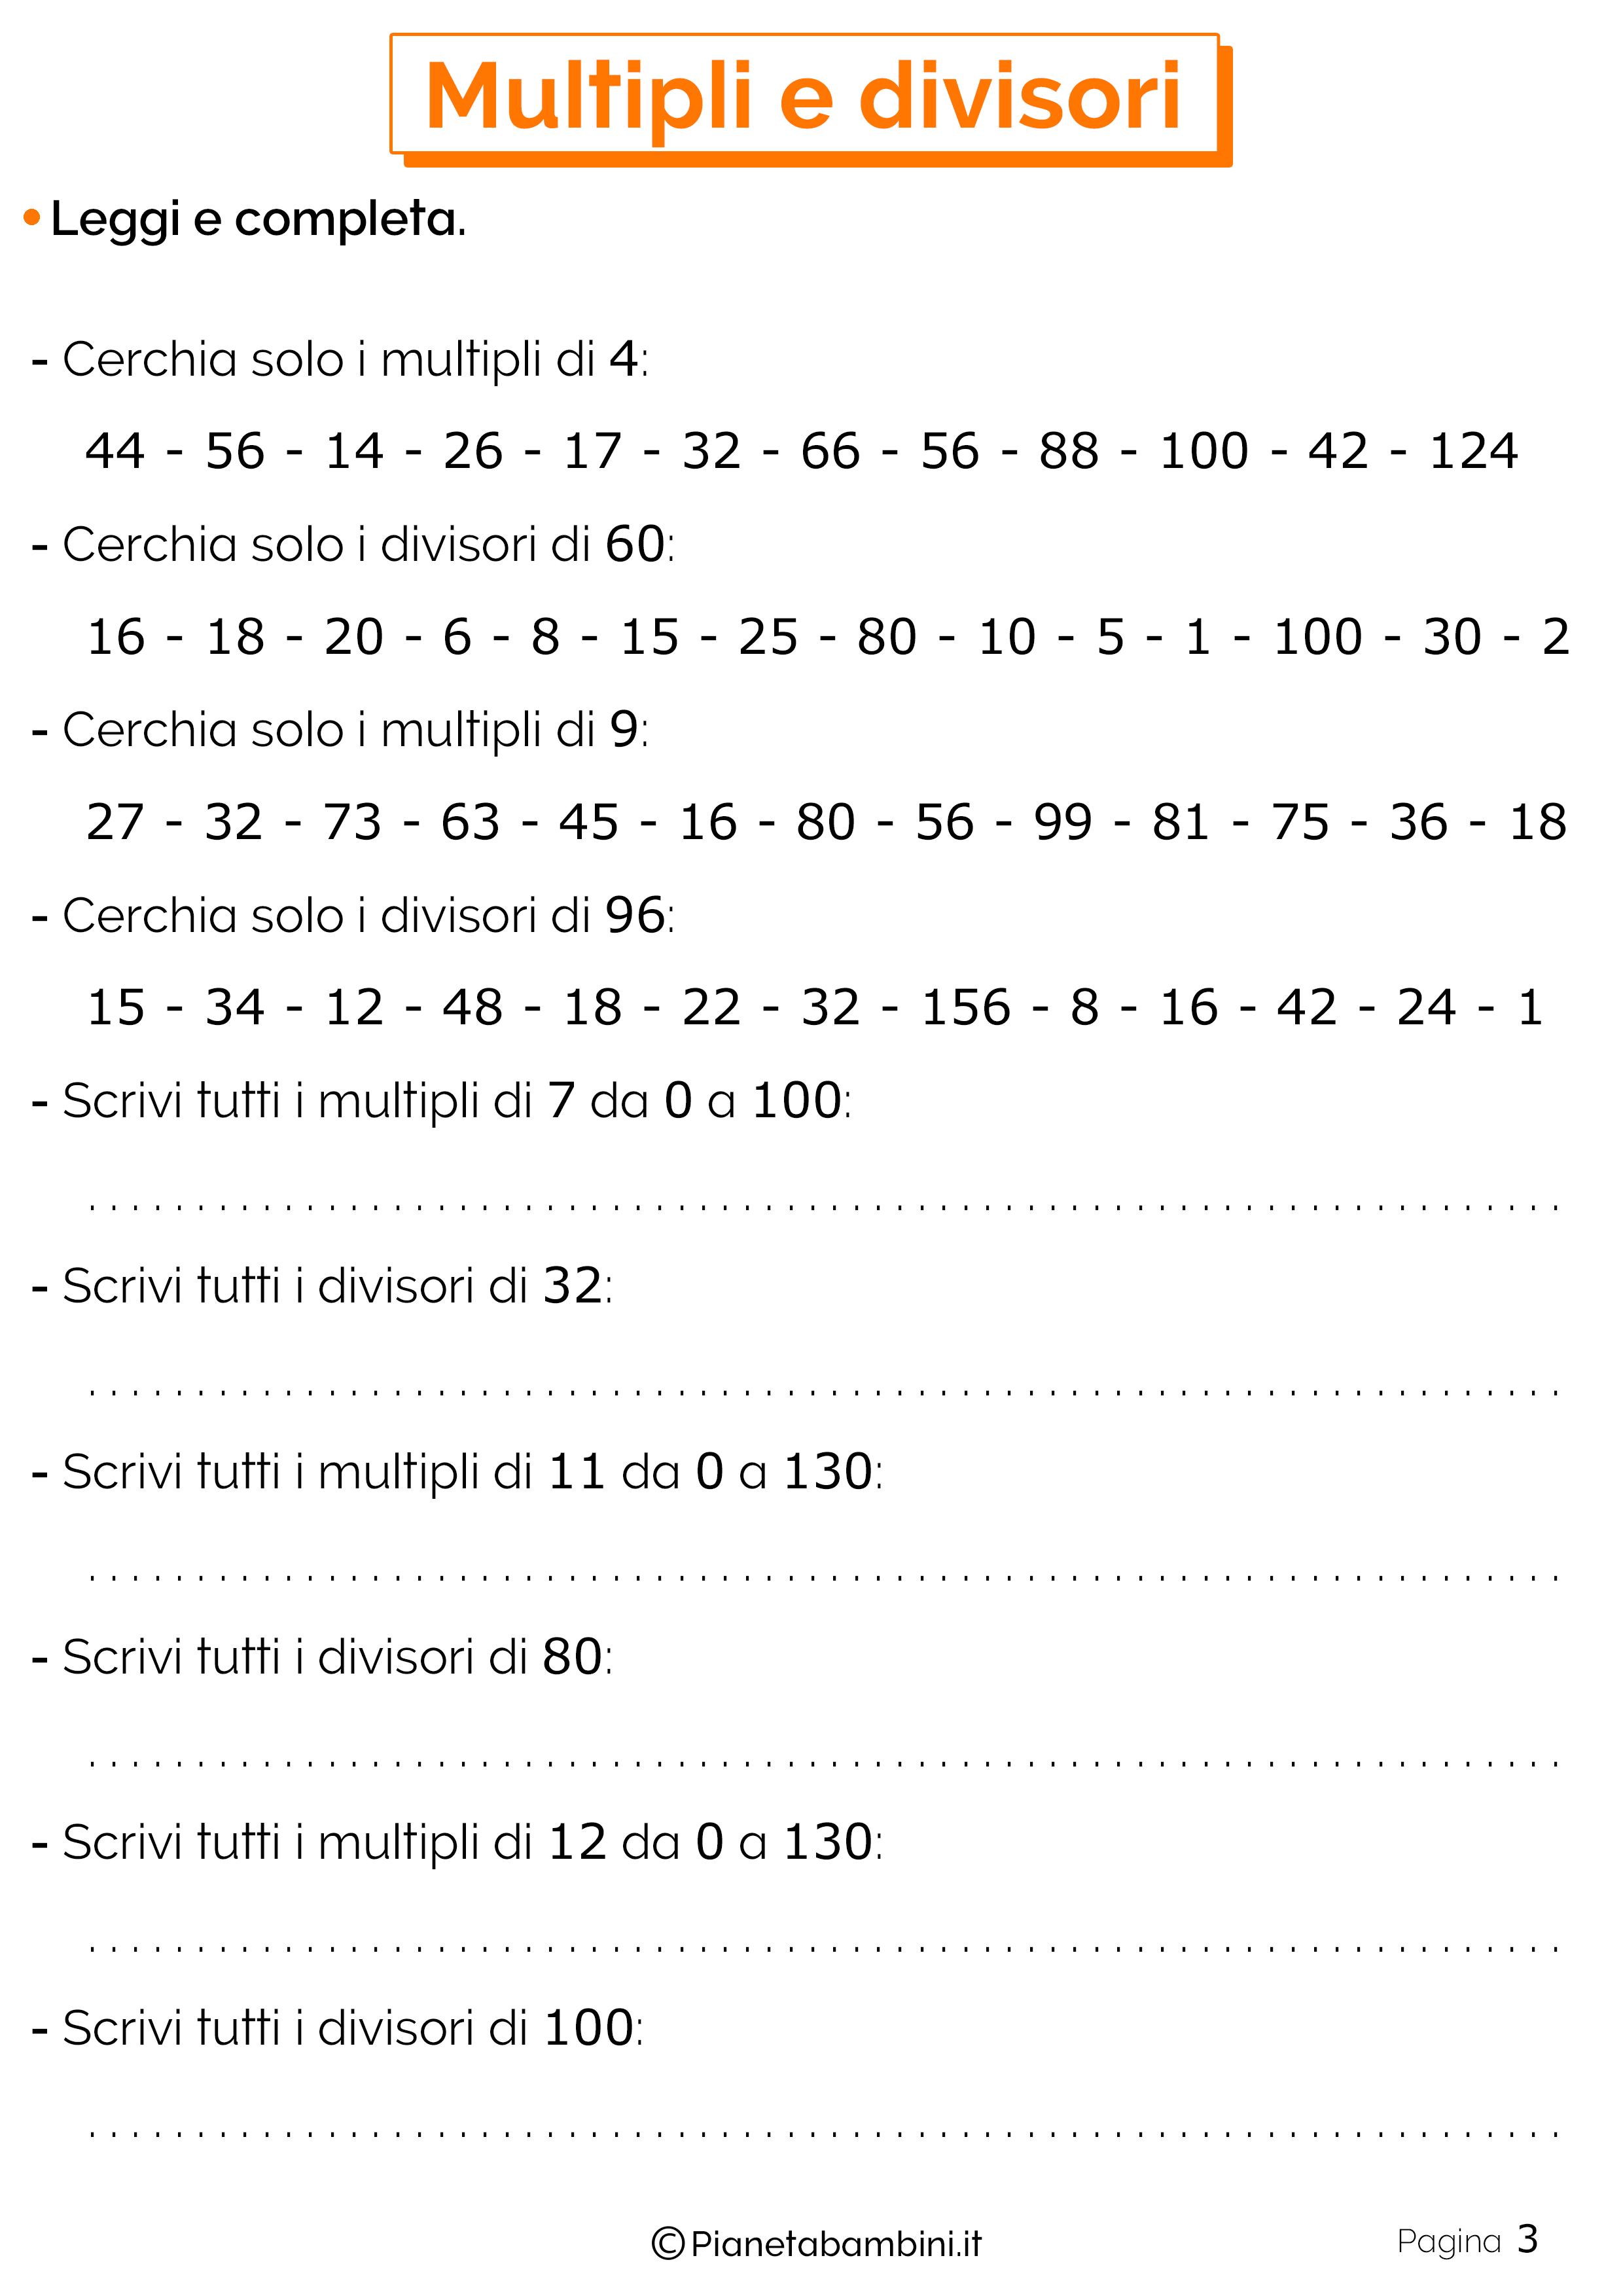 Esercizi su multipli e divisori per la scuola primaria